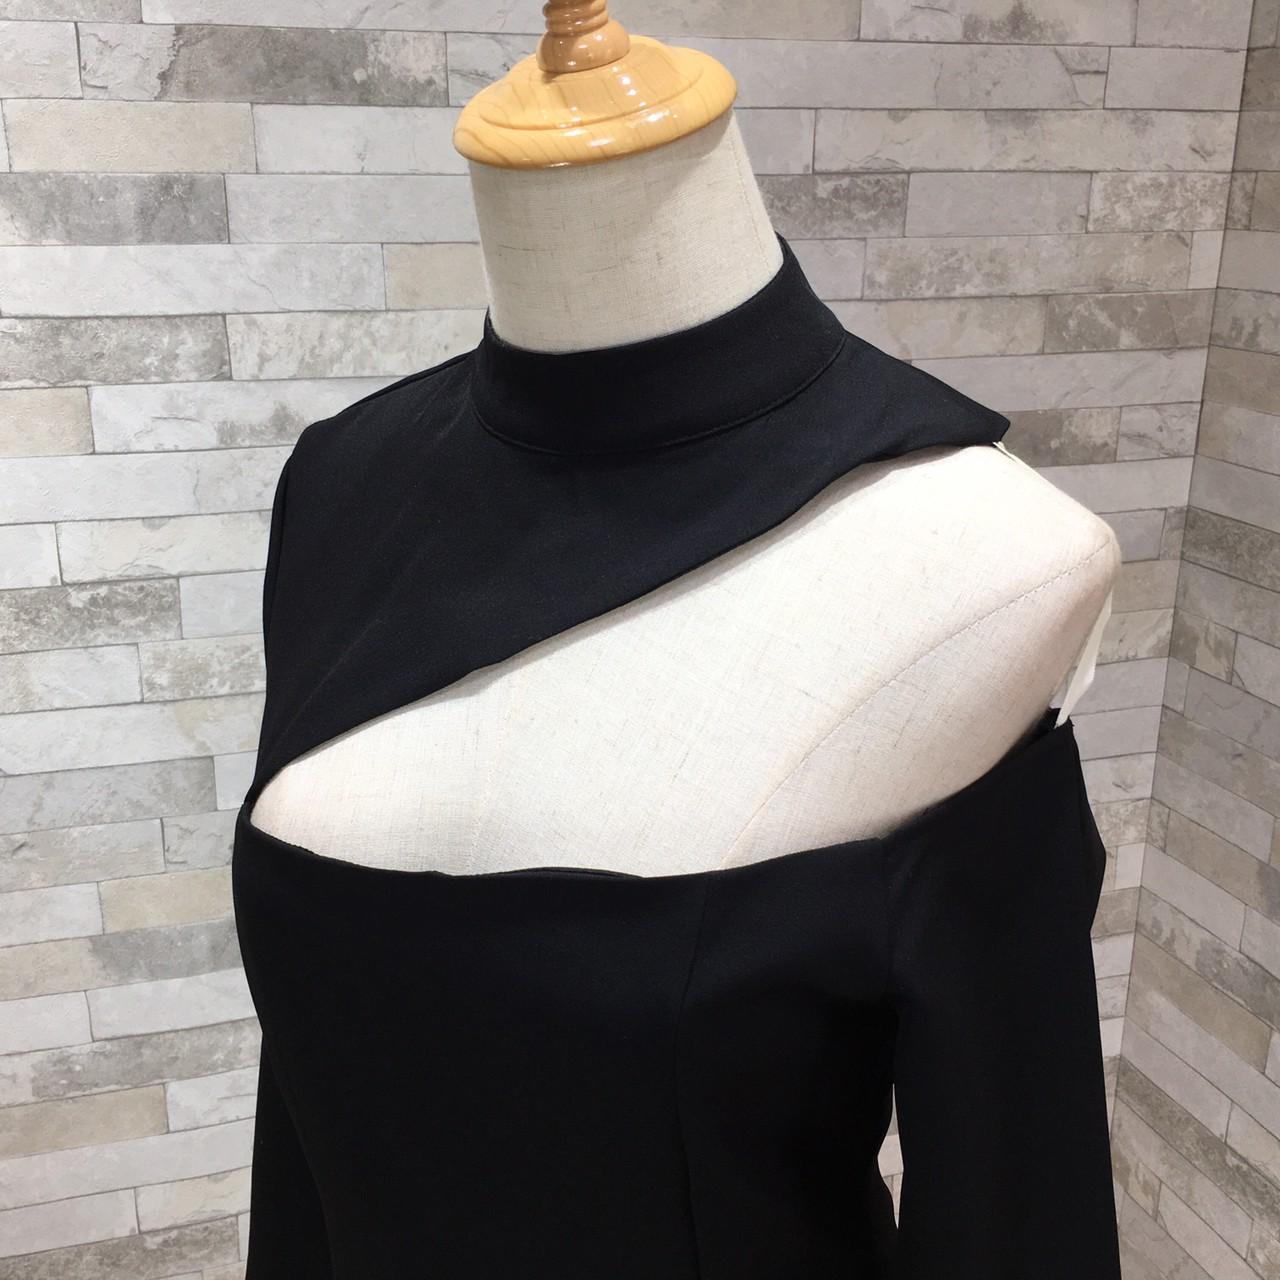 韓国 ファッション ワンピース パーティードレス ひざ丈 ミディアム 秋 冬 春 パーティー ブライダル PTXH549 結婚式 お呼ばれ アシンメトリー オープンショルダー 二次会 セレブ きれいめの写真19枚目